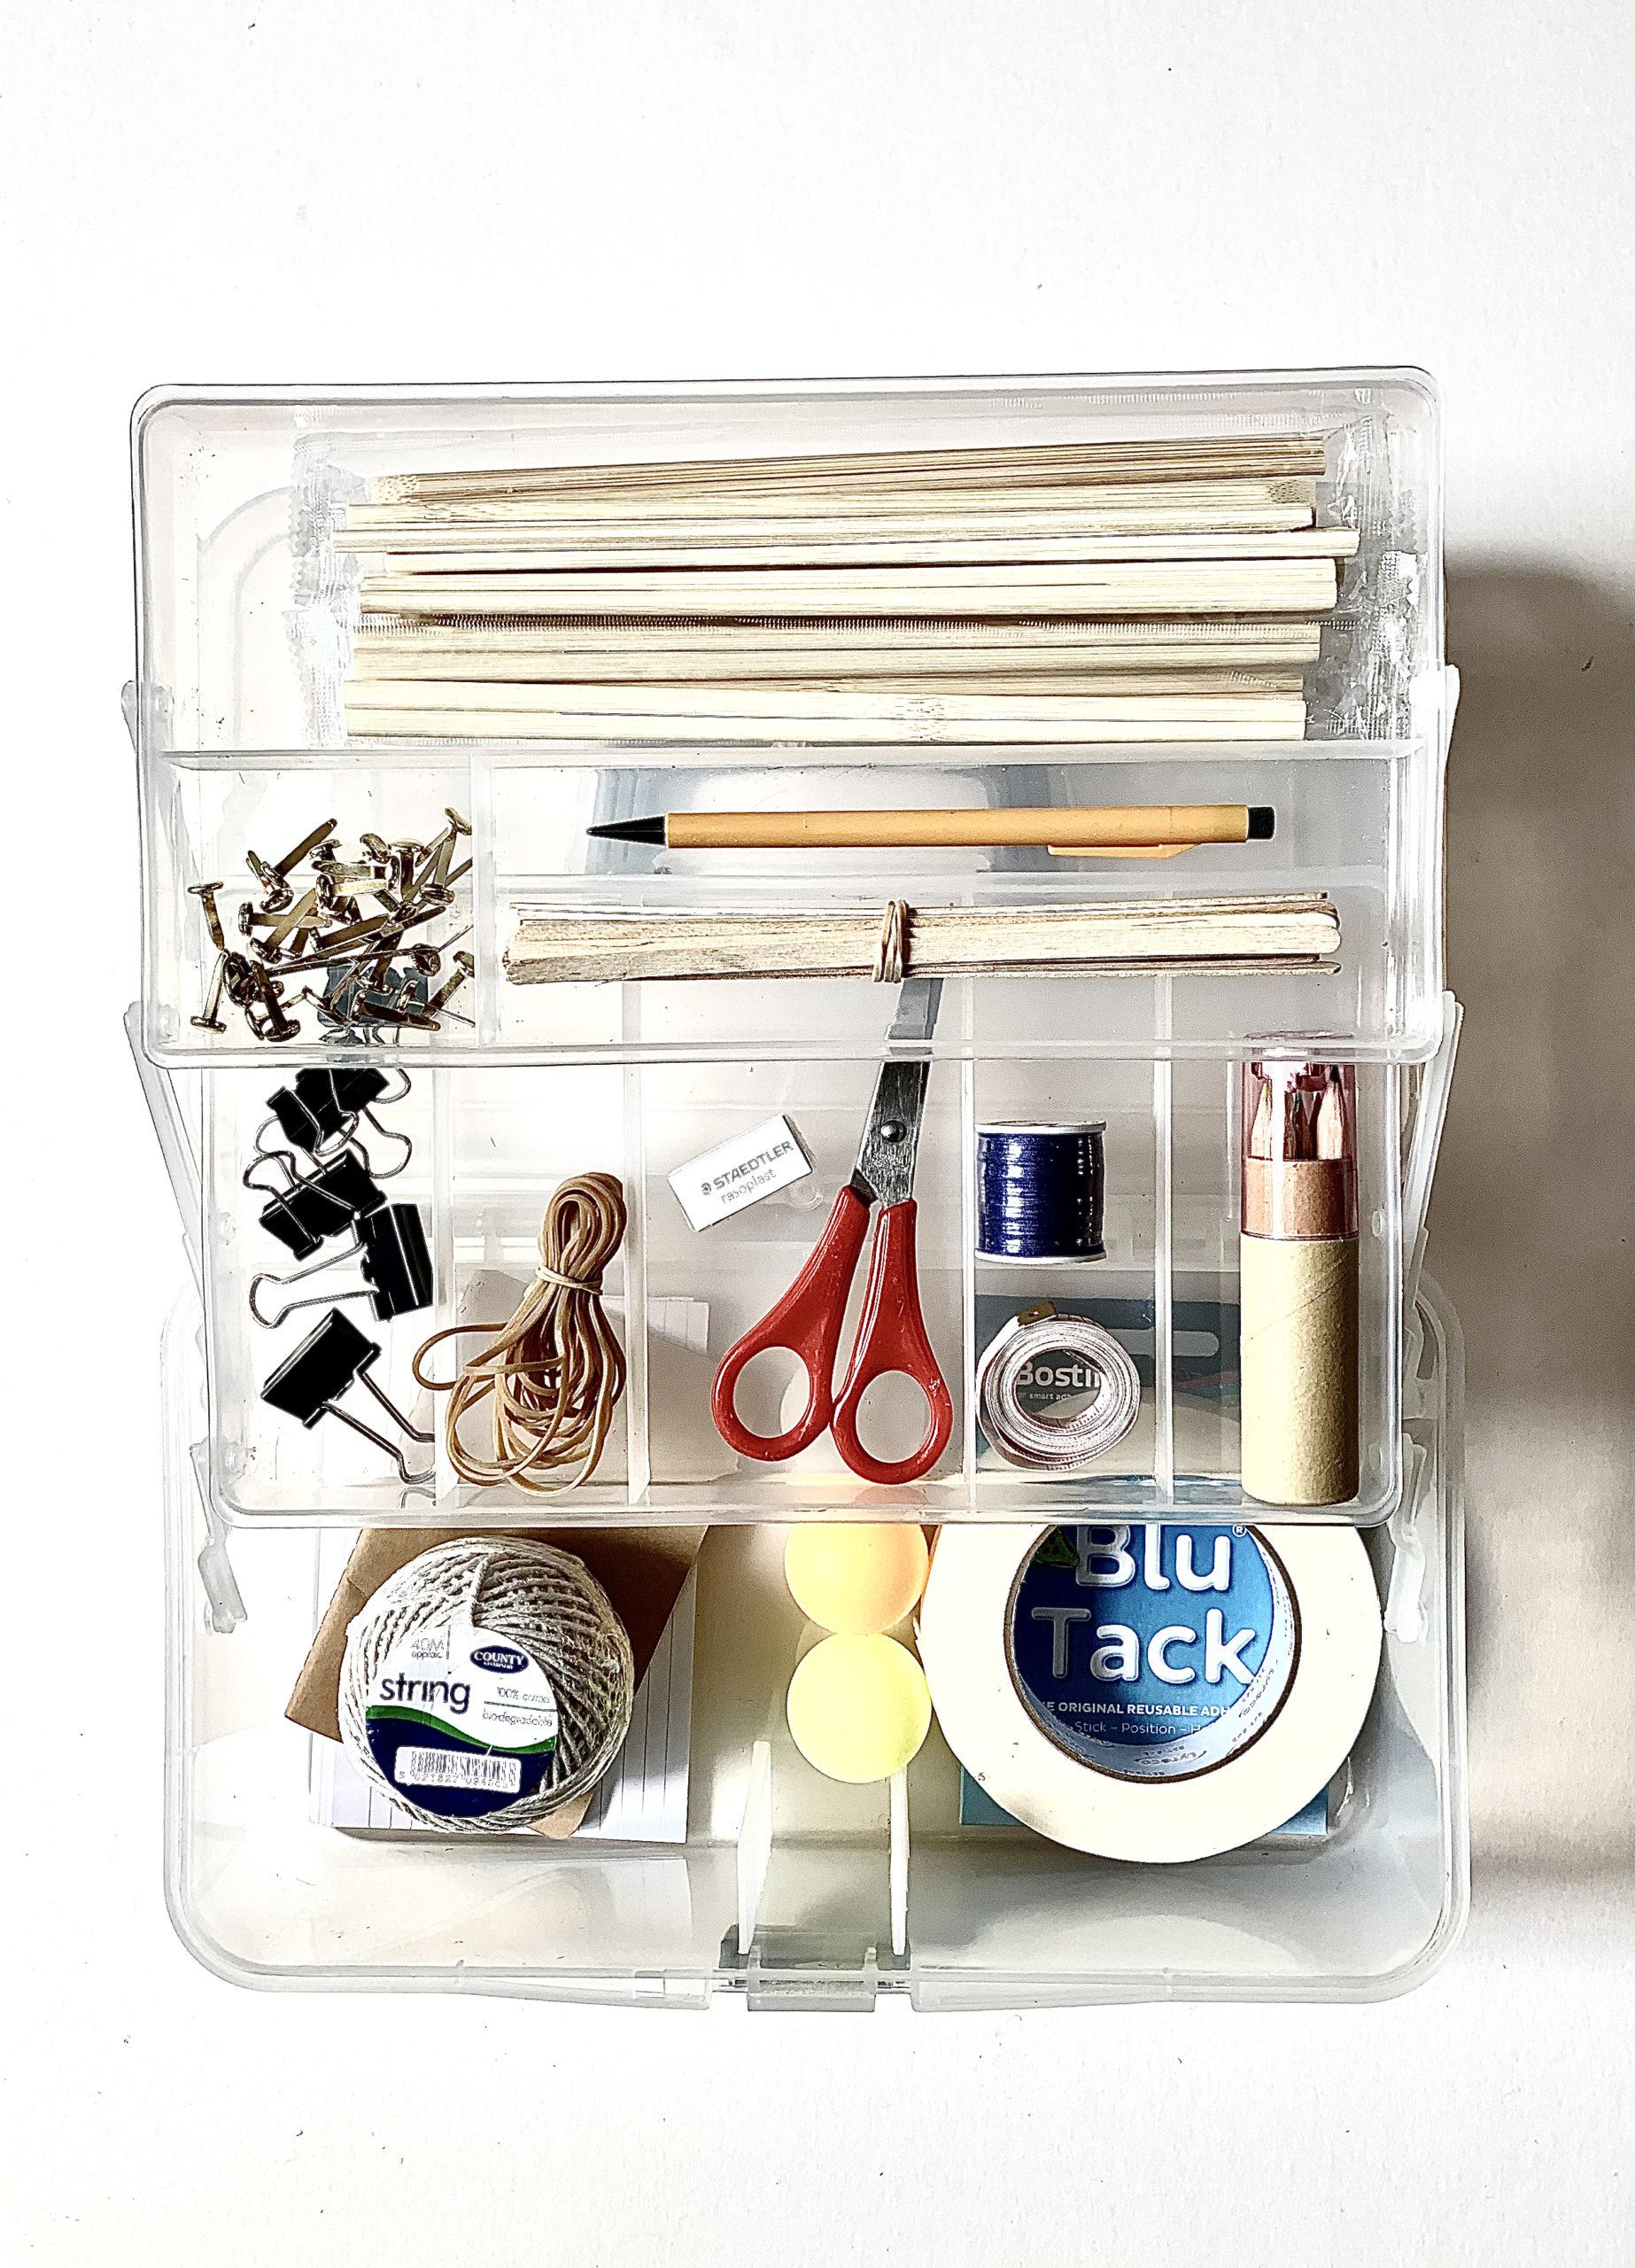 Box and materials